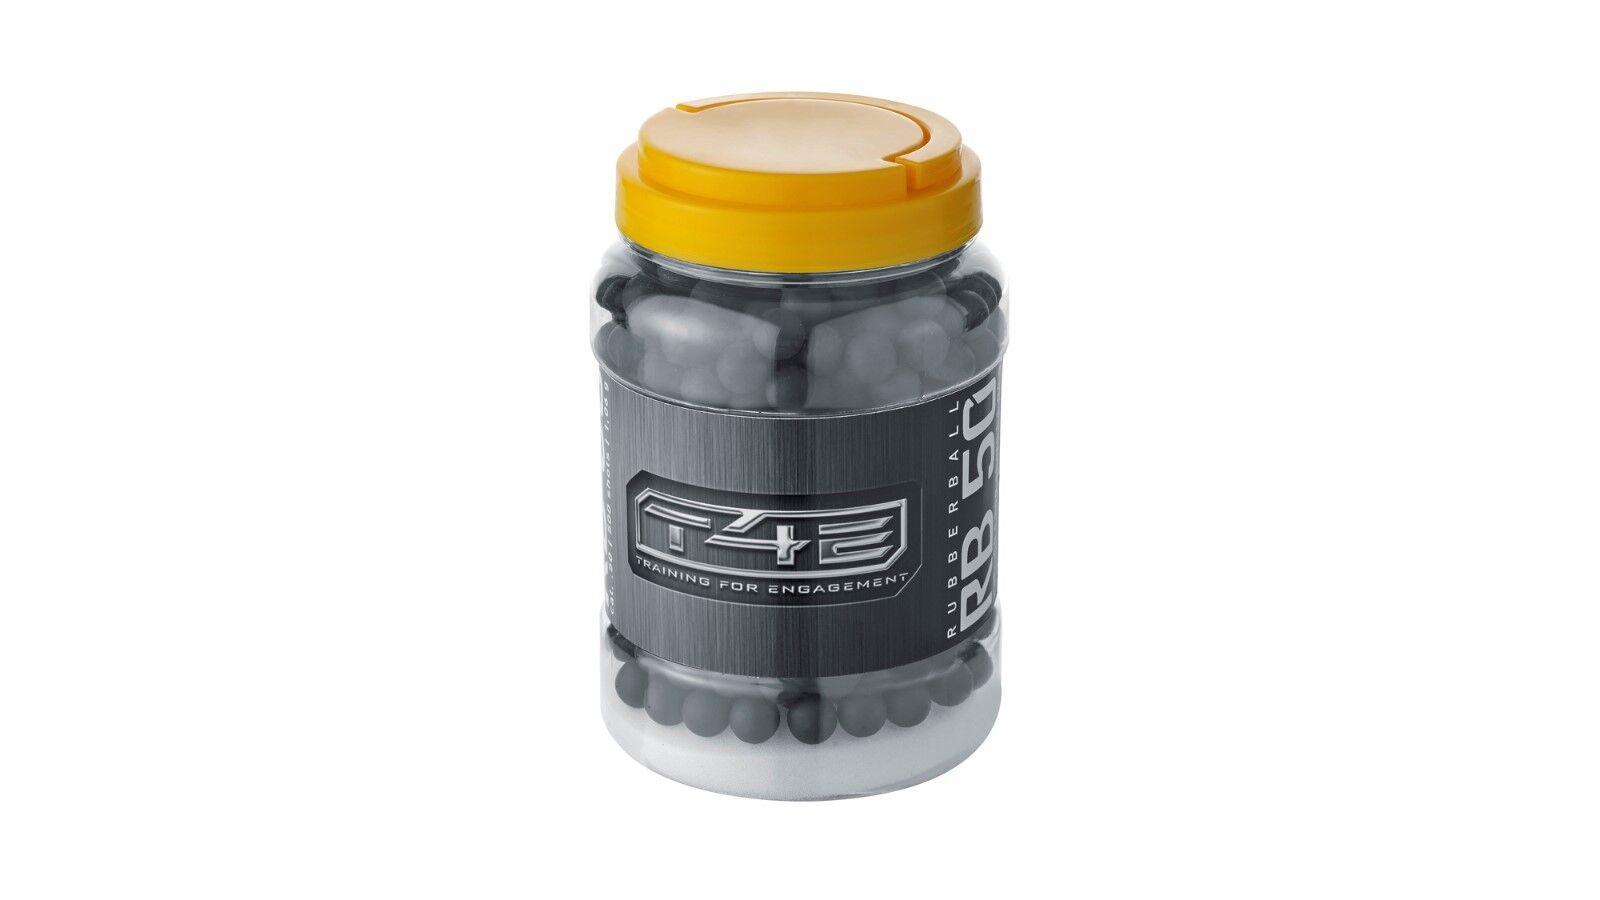 UMAREX t4e rubberballs rb50 Cal 50 proiettili di gomma 500 pezzi HOME DEFENSE HDR 50